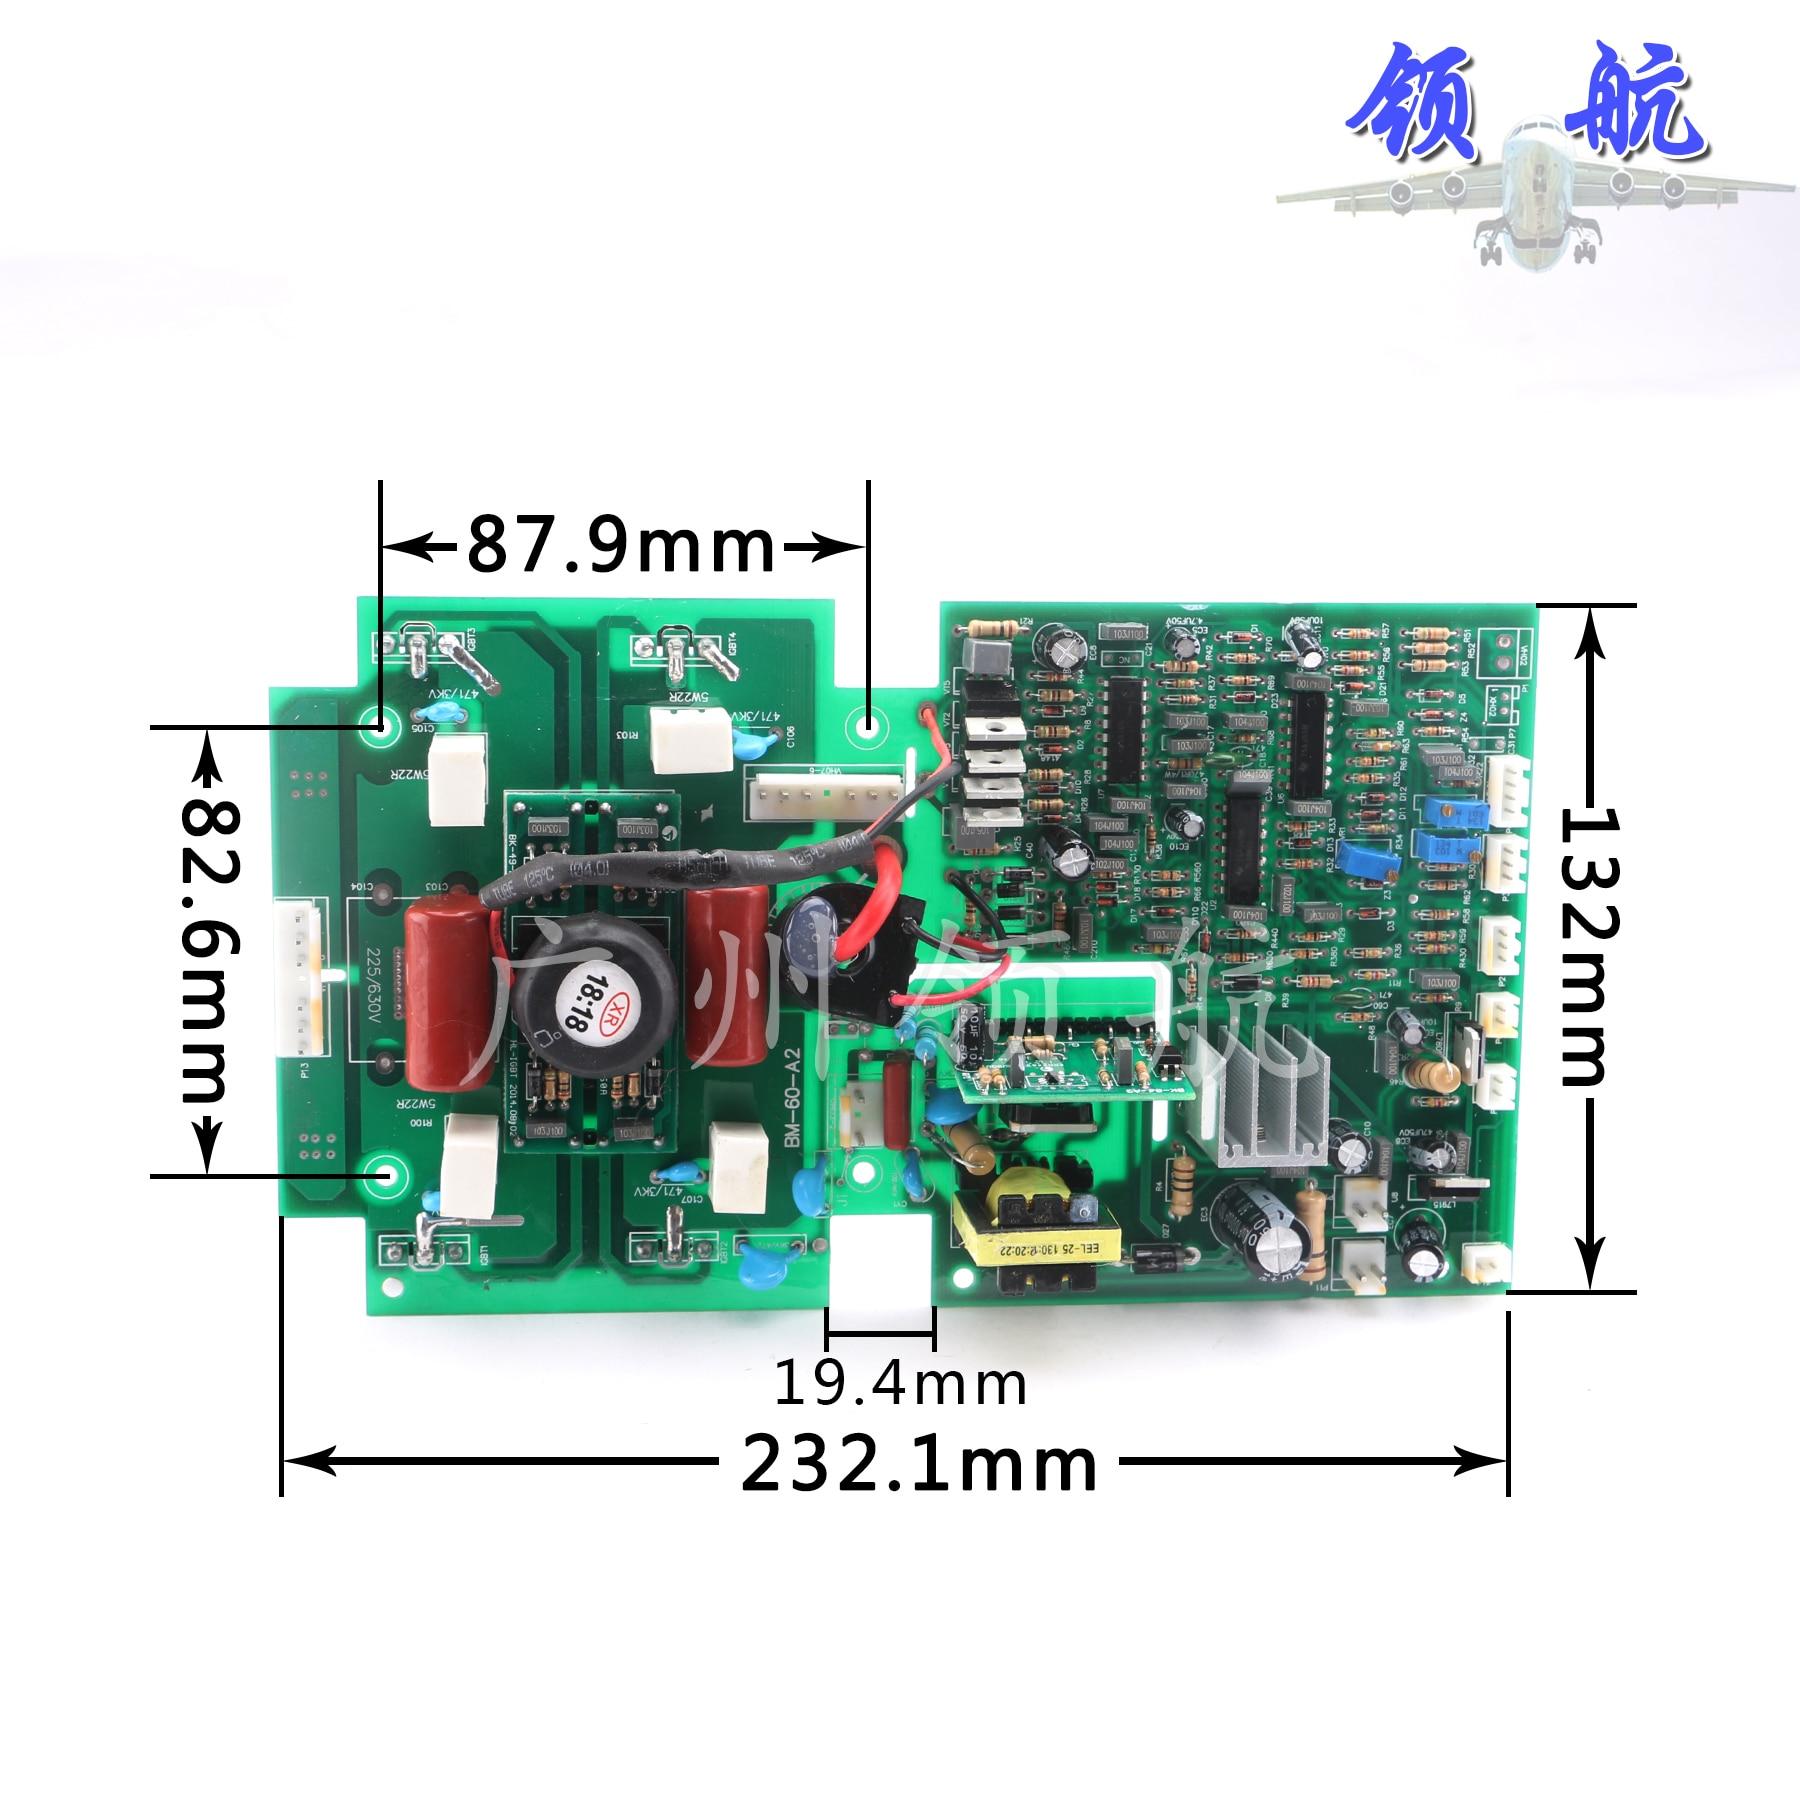 الكهربائية آلة لحام لوحة الدوائر الجهد المزدوج العاكس لحام آلة العلوي مجلس ZX7-315/400S العاكس مجلس